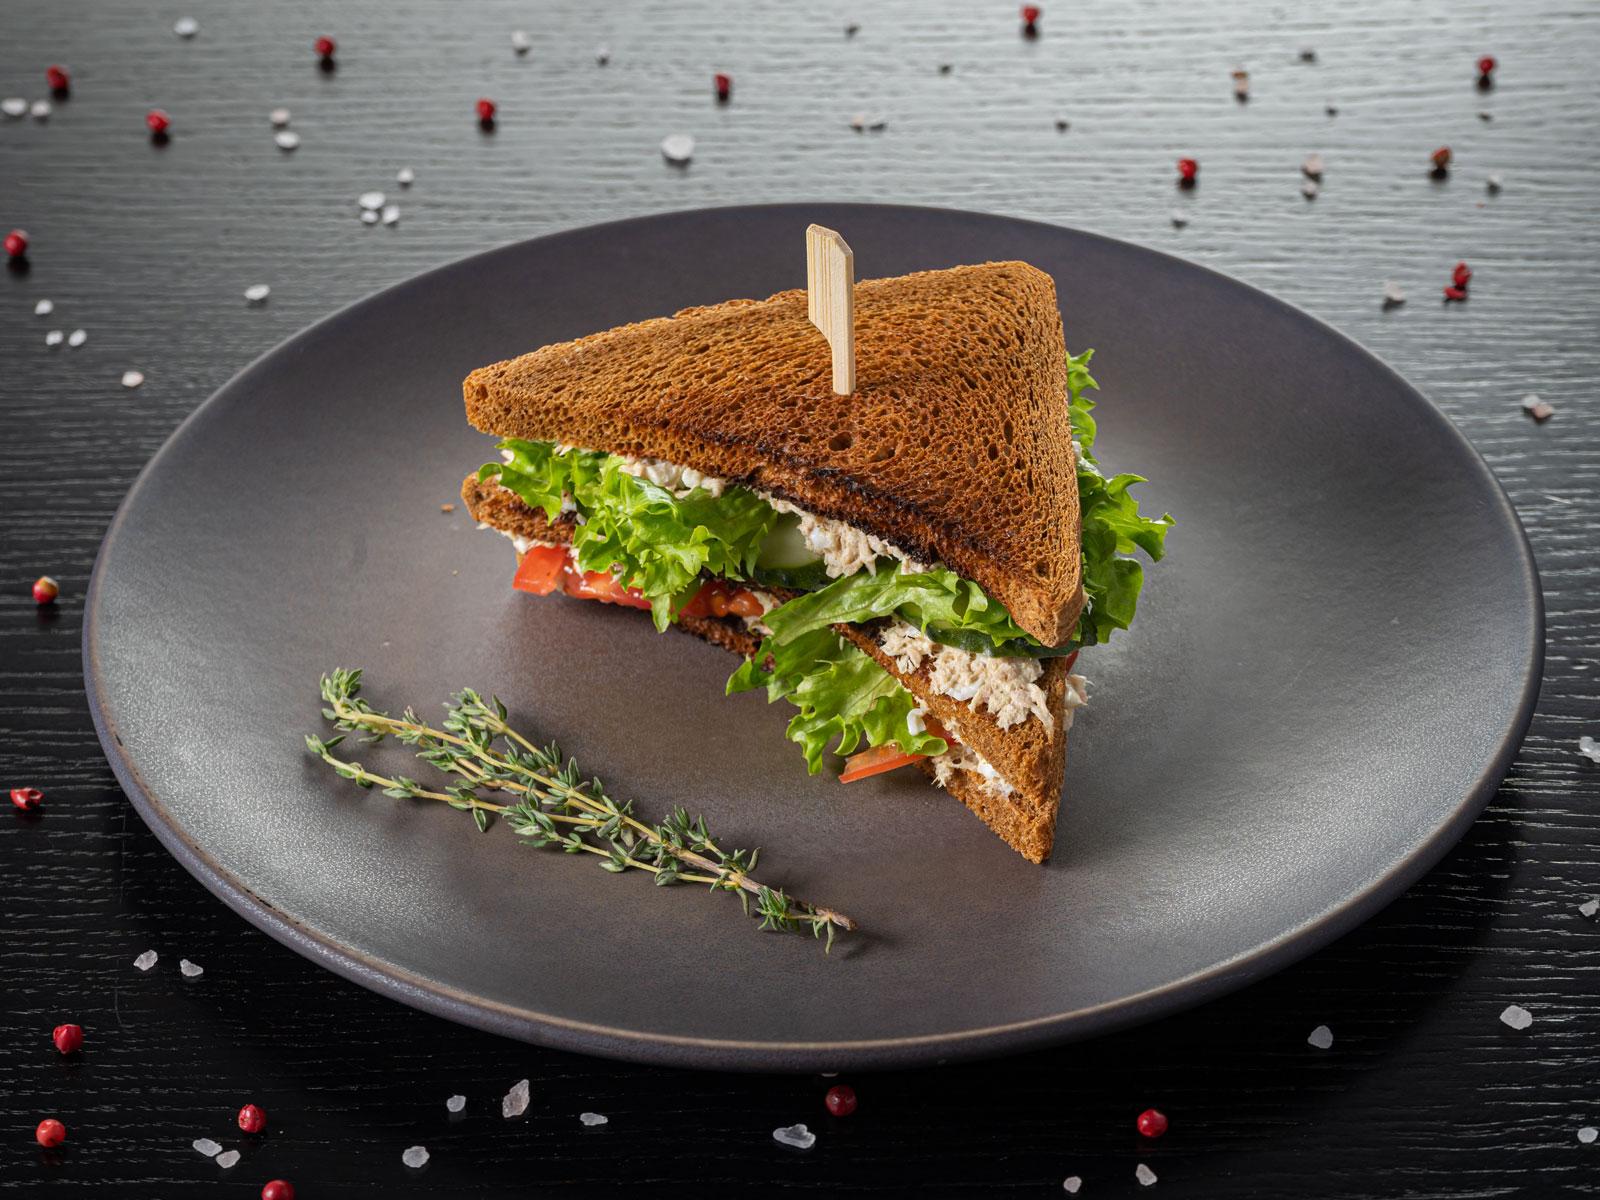 Сэндвич на тосте с тунцом и каперсами